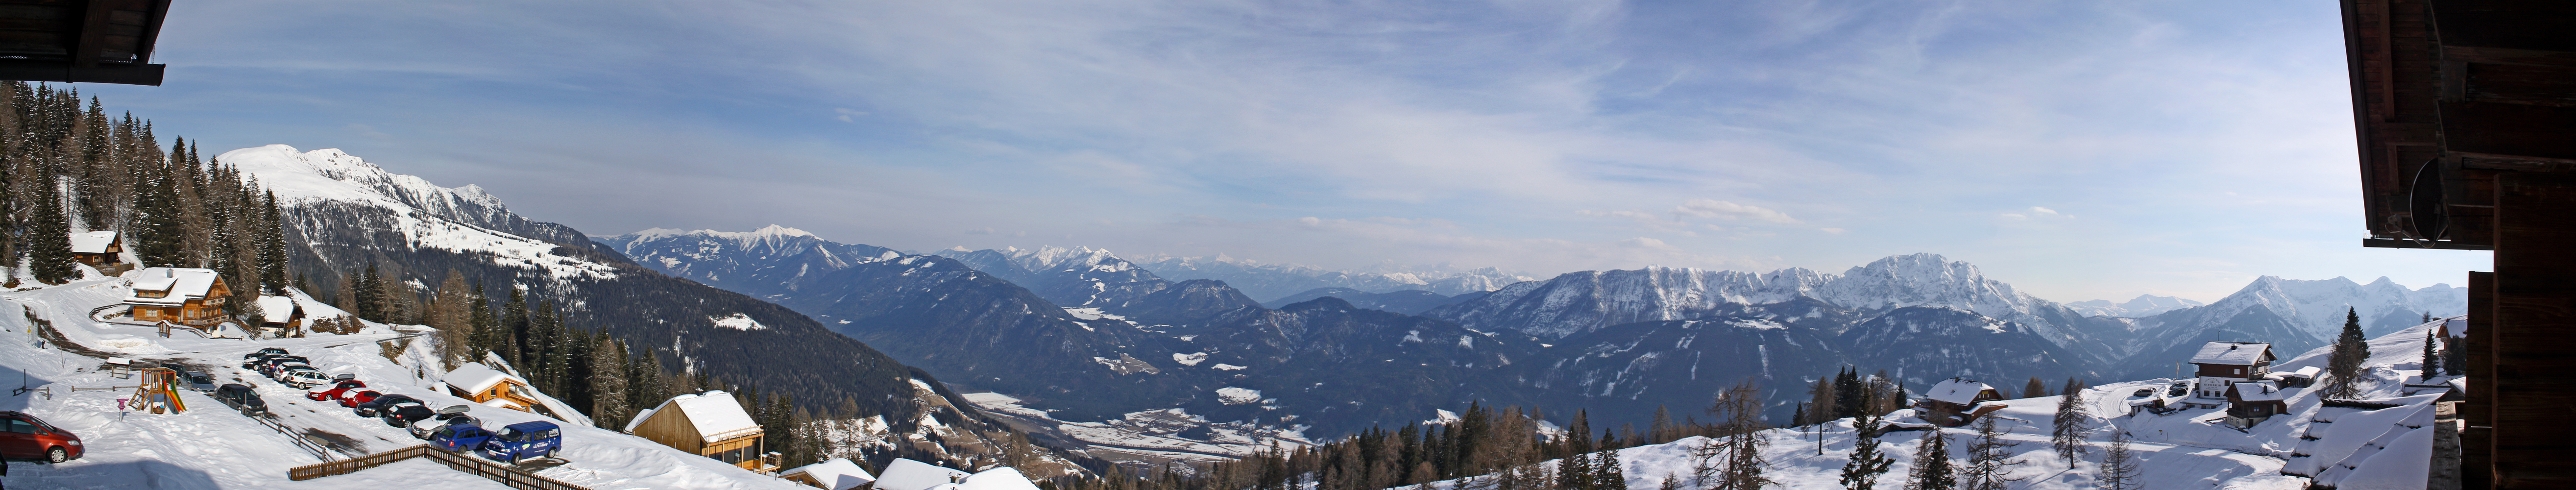 Panorama der Emberger Alm